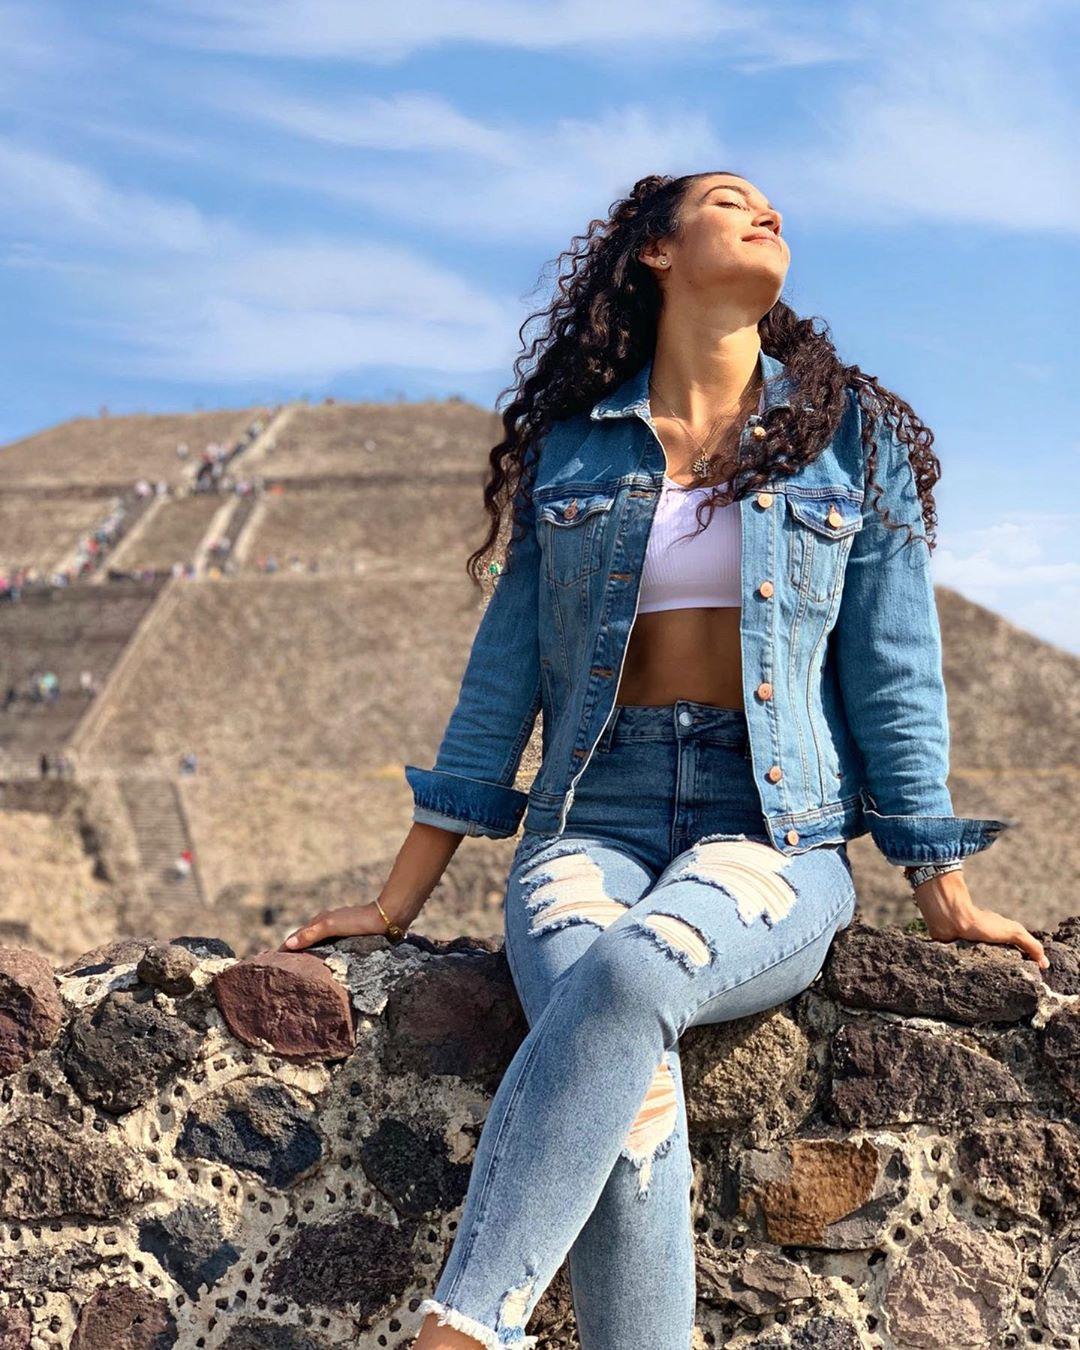 georgina vargas, candidata a miss mexico 2020, representando coahuila. - Página 3 80059110